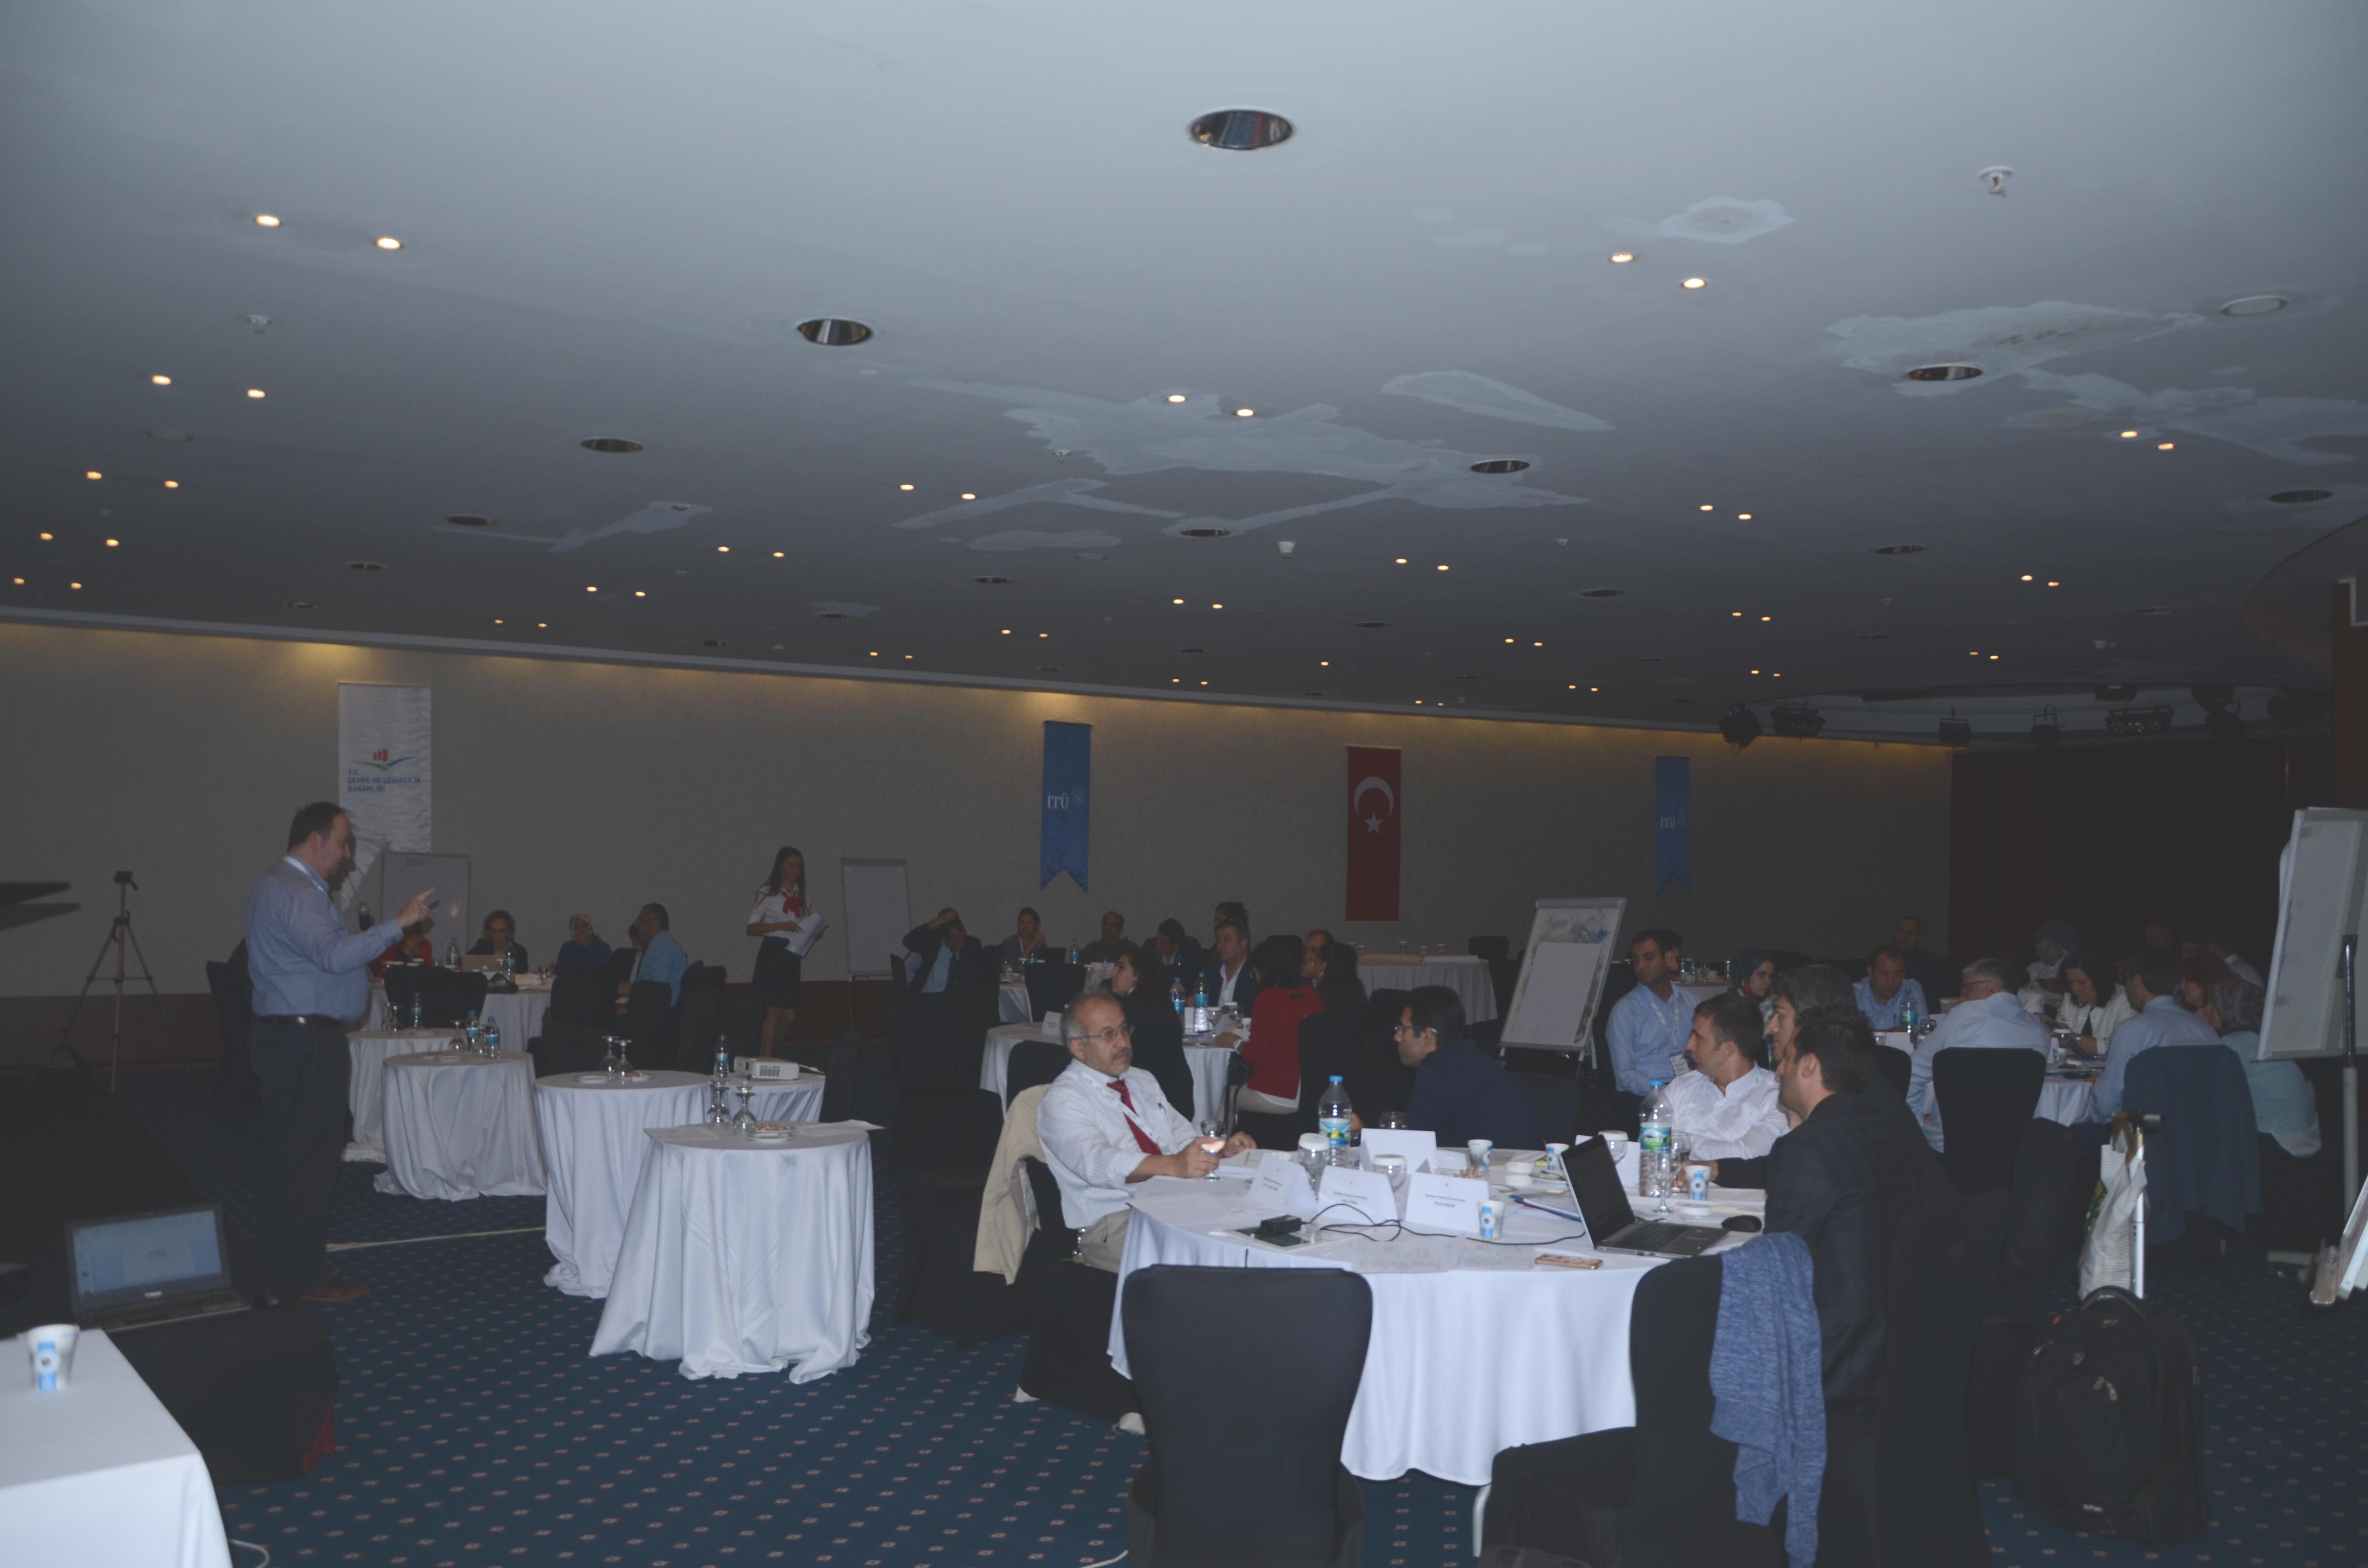 Hava Kalitesi Değerlendirme Çalıştayı 27-28 Eylül 2018 tarihlerinde Konya'da Gerçekleştirildi.